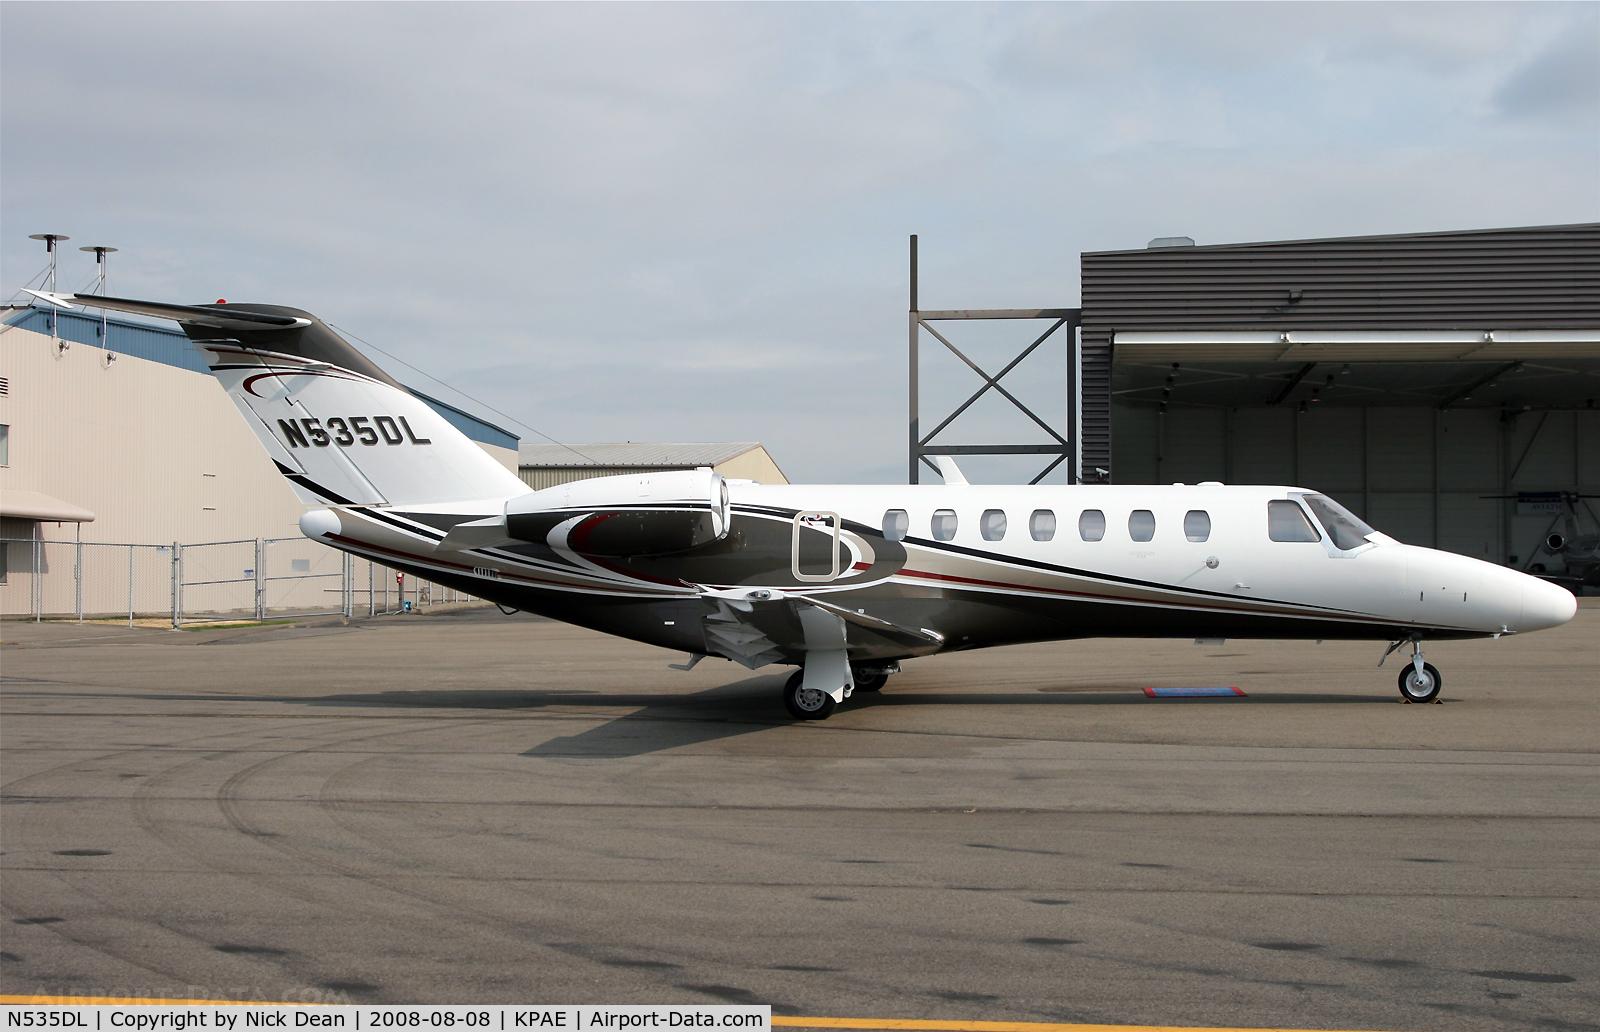 N535DL, 2007 Cessna 525B CitationJet CJ3 C/N 525B0172, /